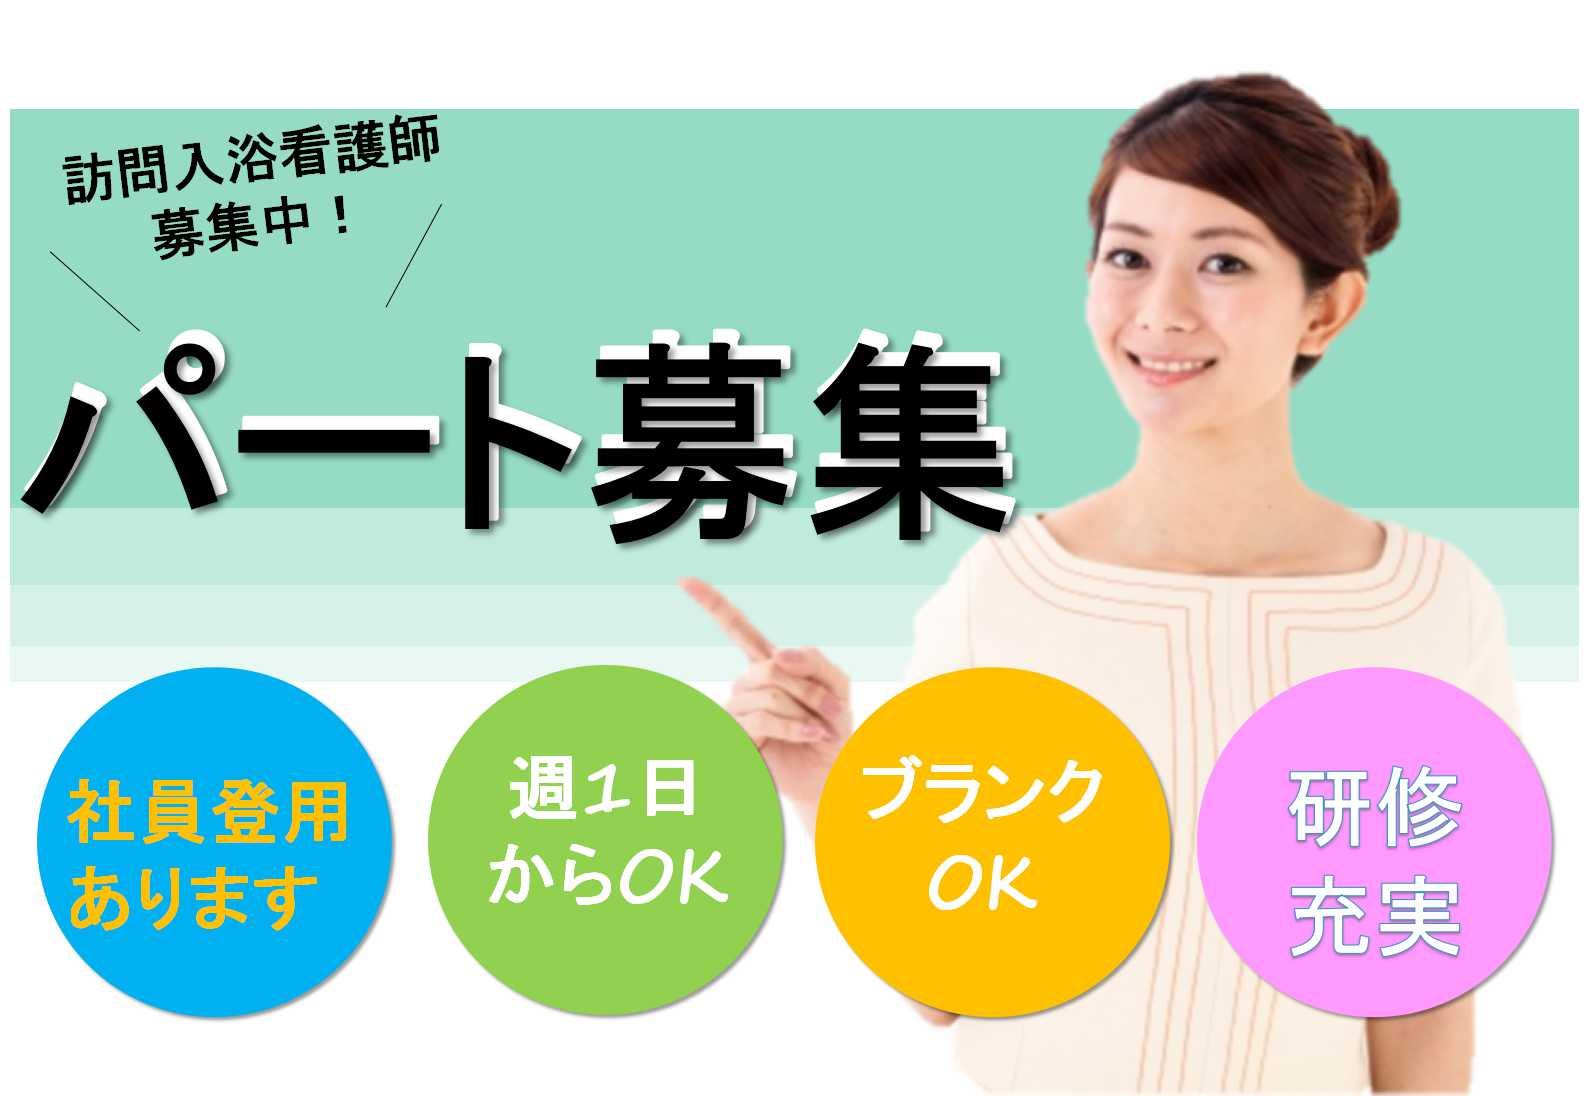 社員登用あり★駅から3分!訪問入浴看護師【即面談可能】 イメージ